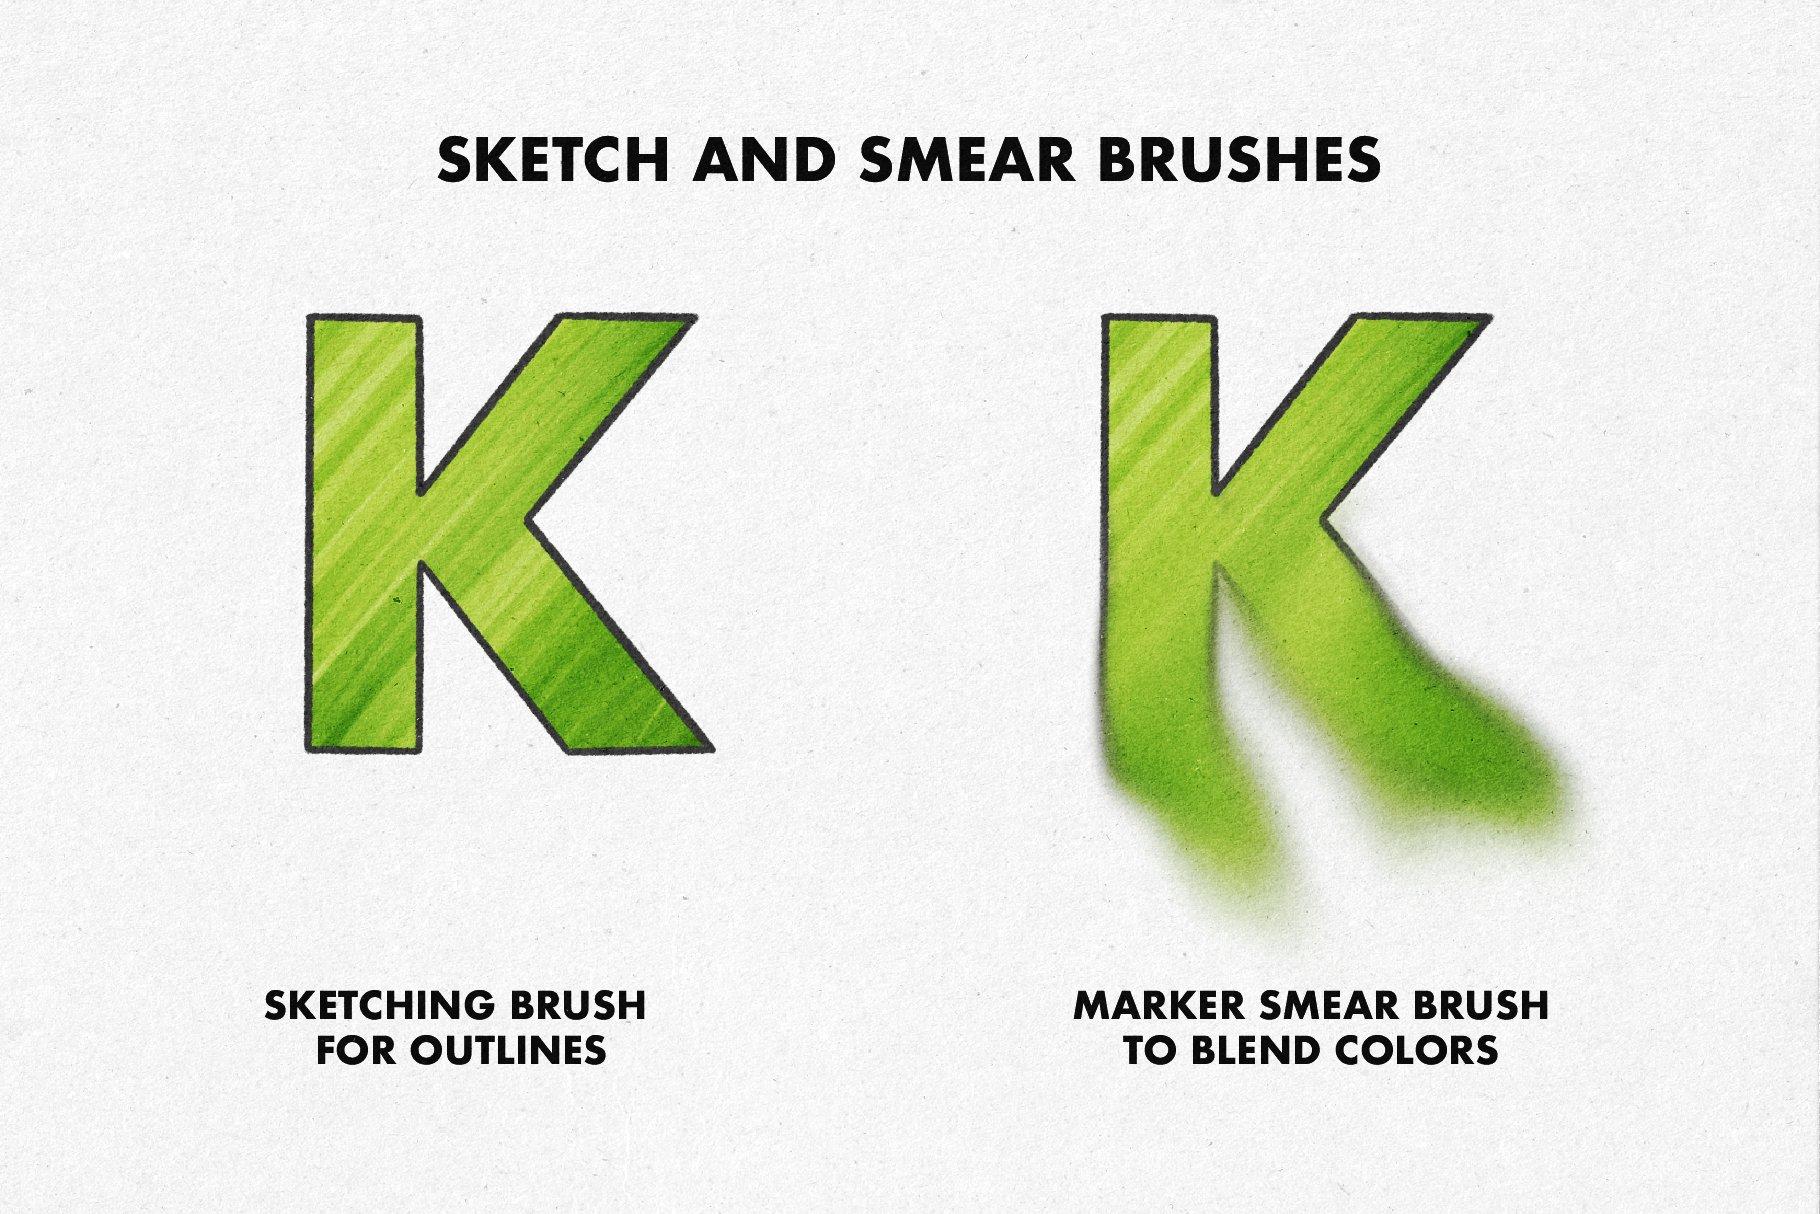 26款马克记号笔画笔Precreate笔刷素材 Marker Brushes For Procreate 5插图(7)